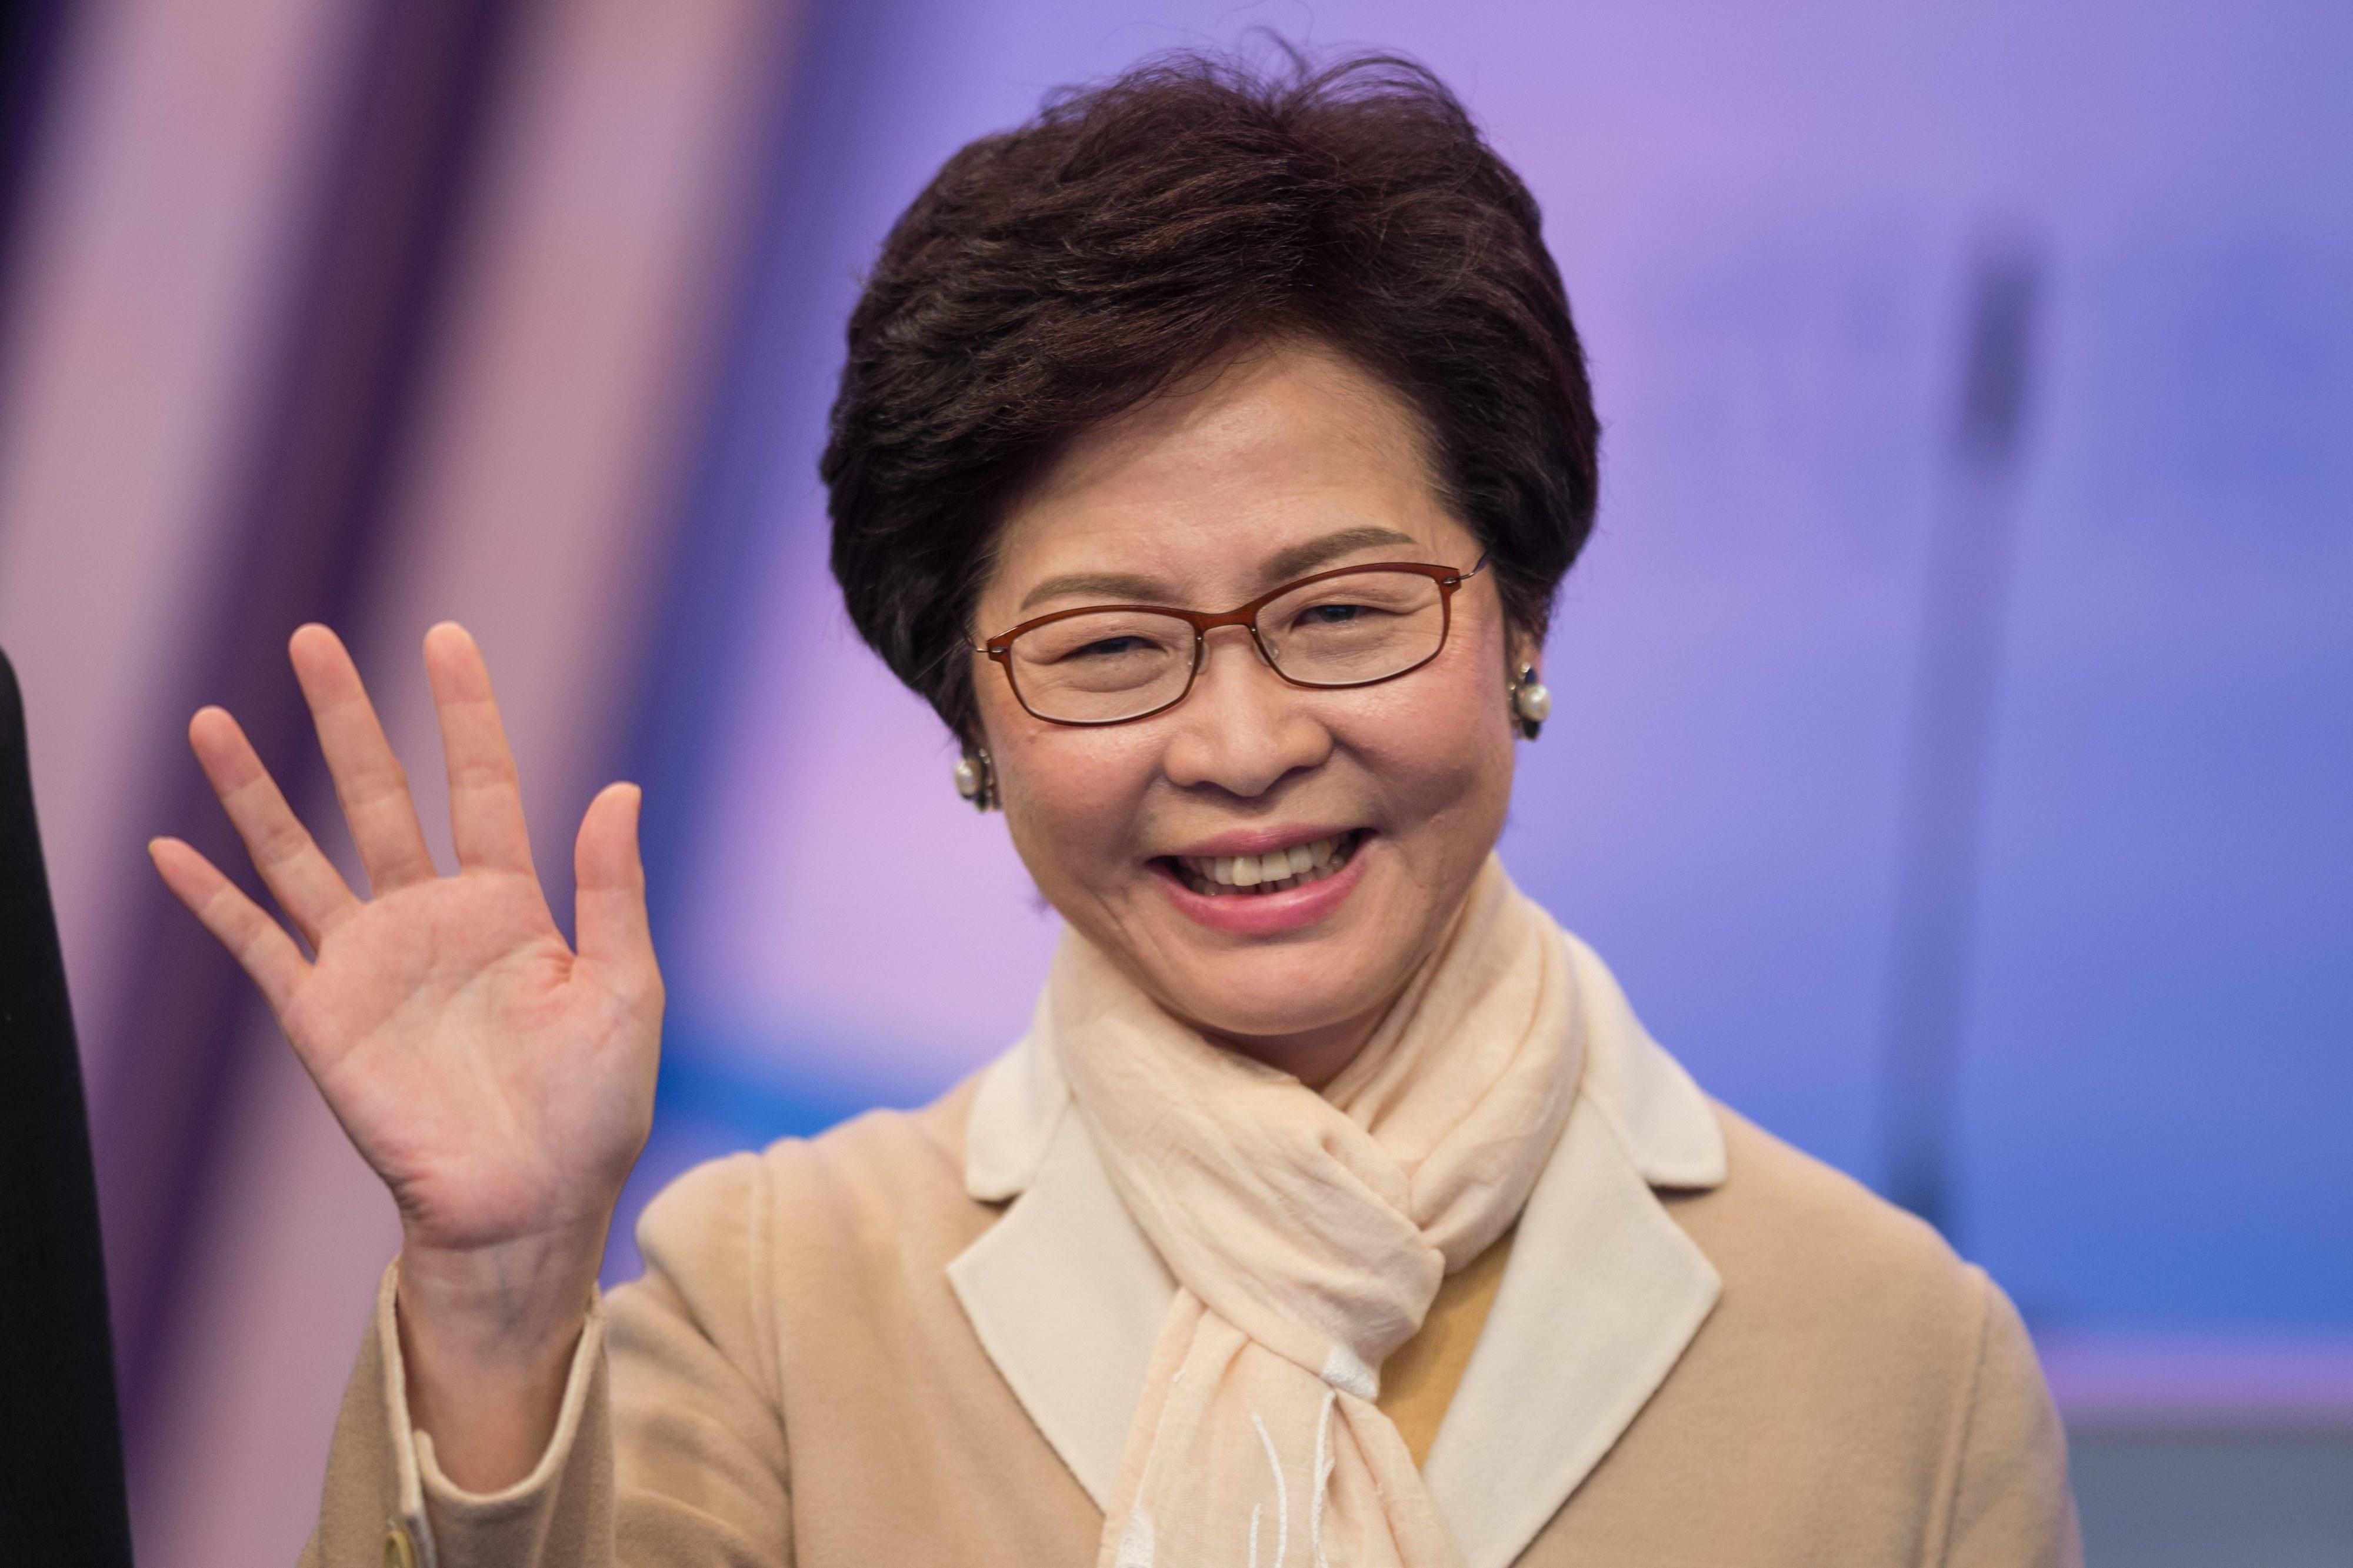 Carrie Lam é a primeira mulher a liderar o Governo de Hong Kong